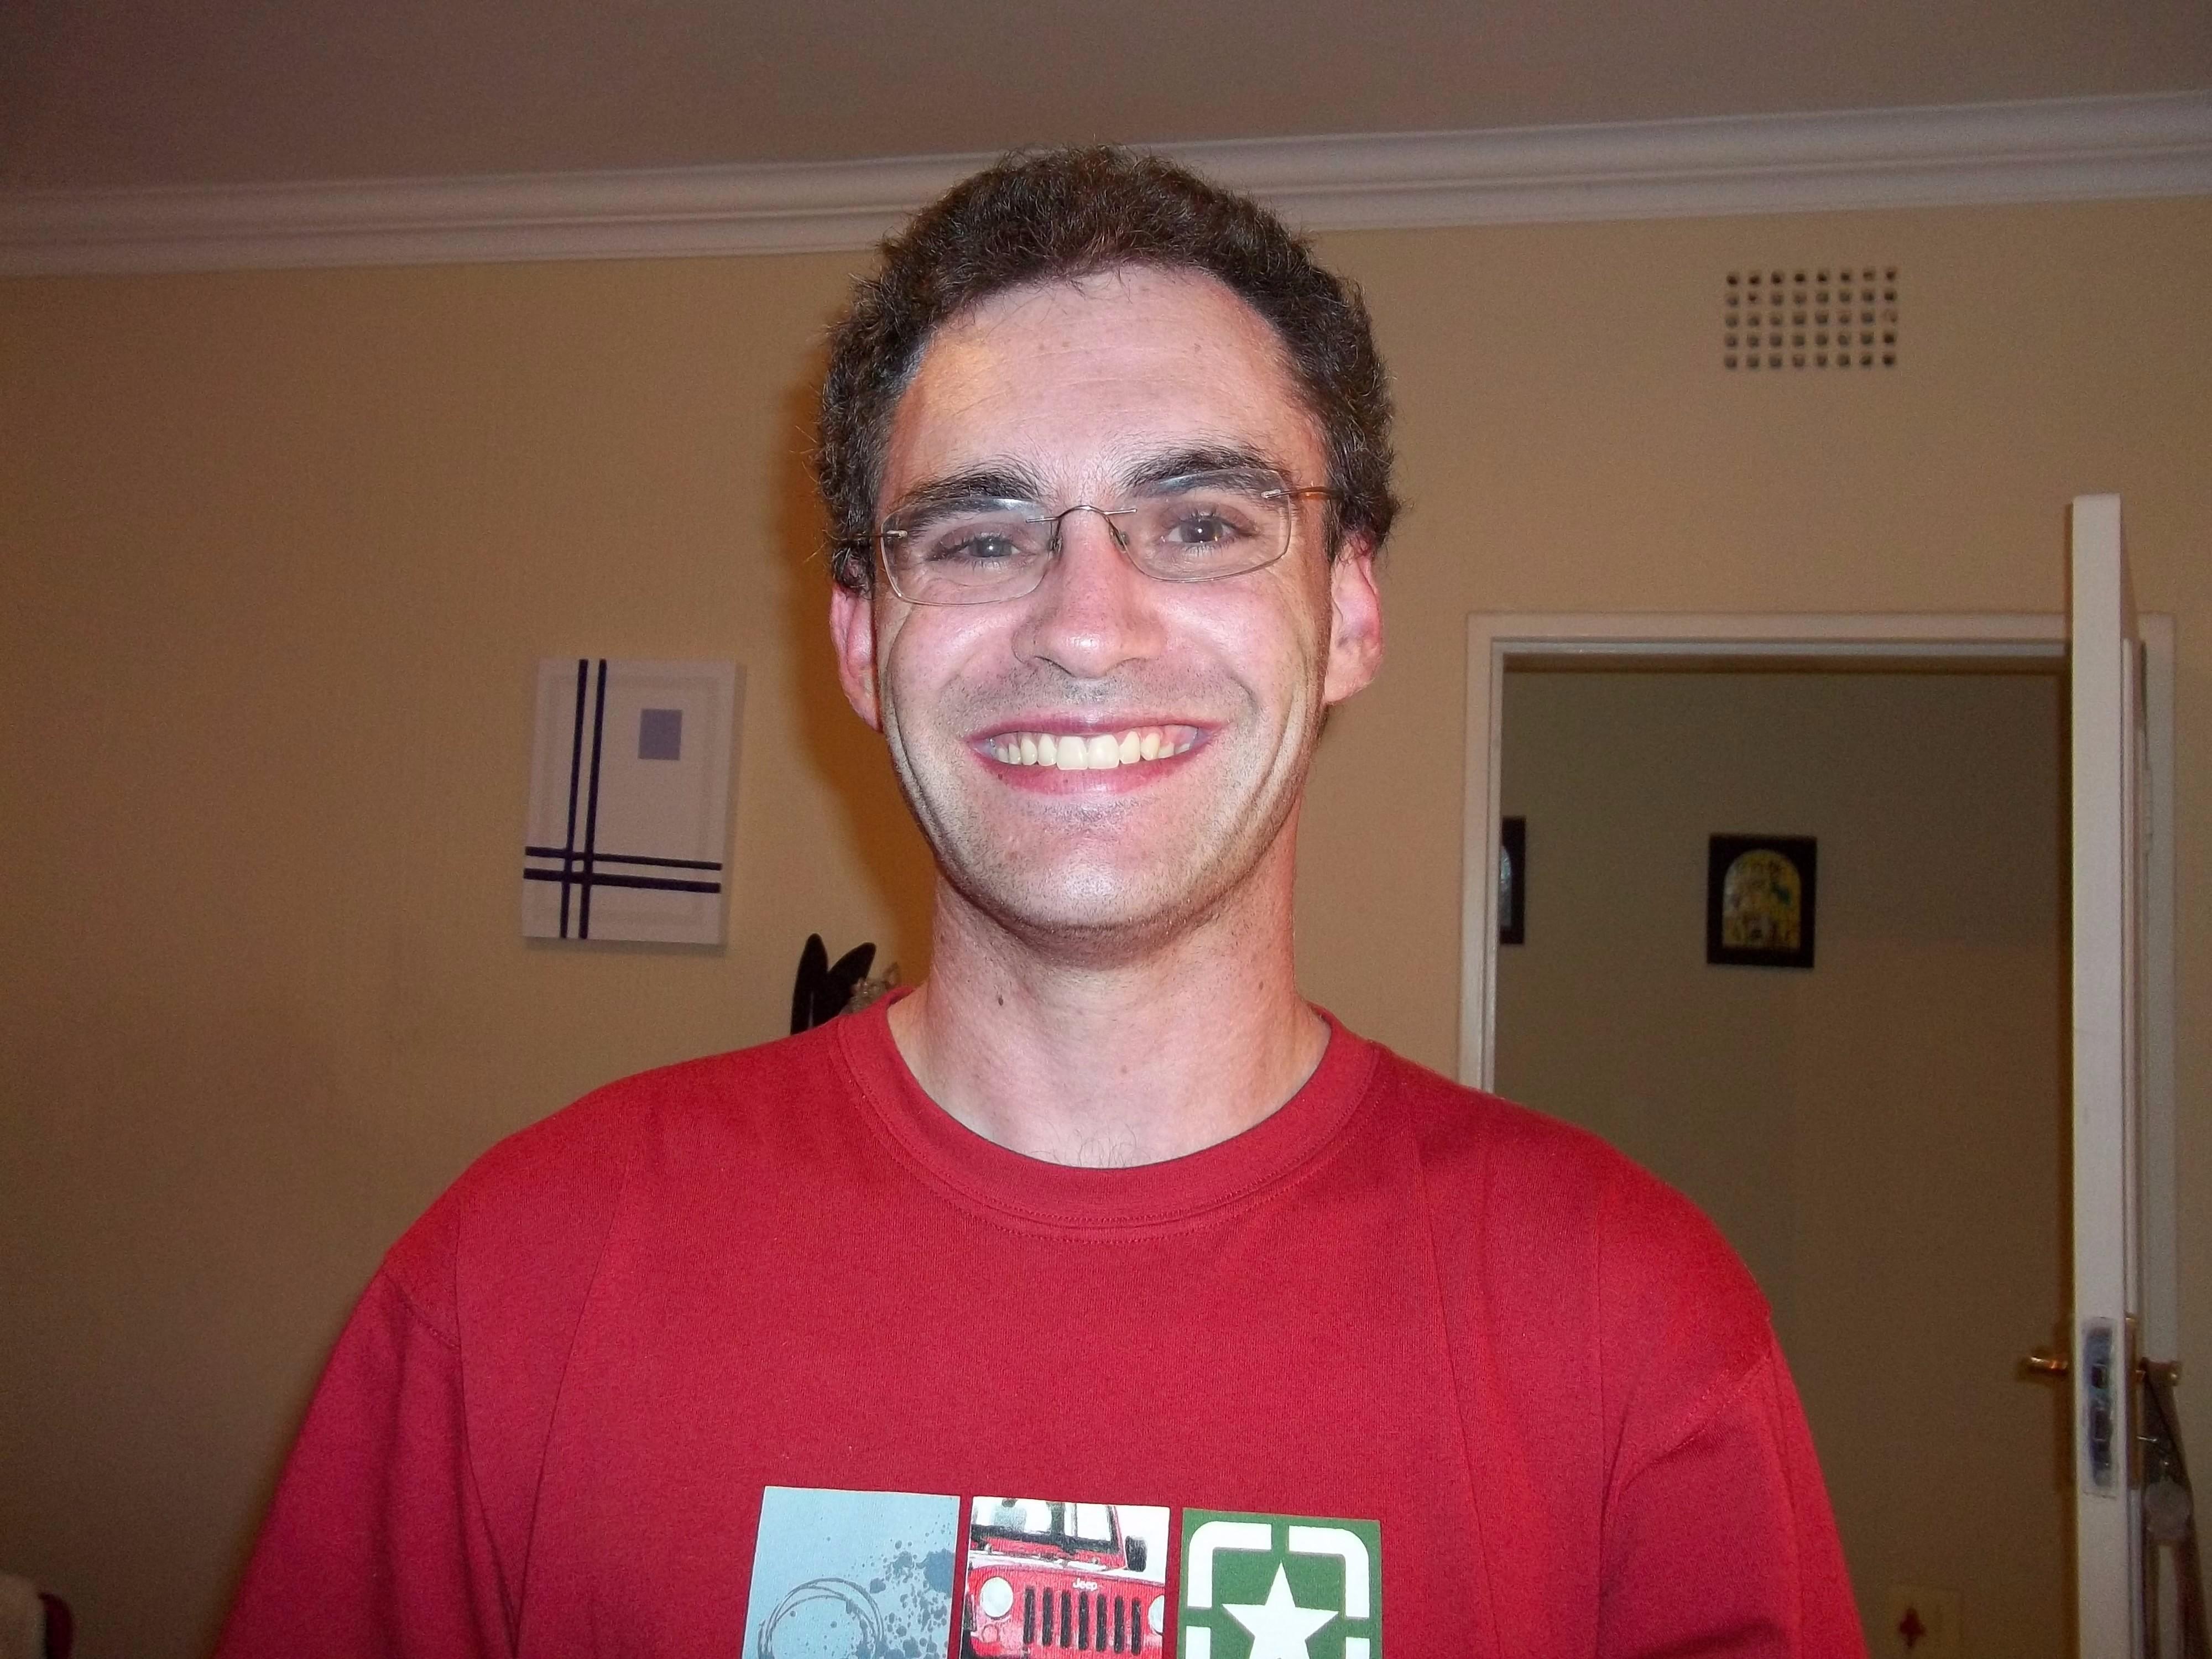 Jarrod Levenstein